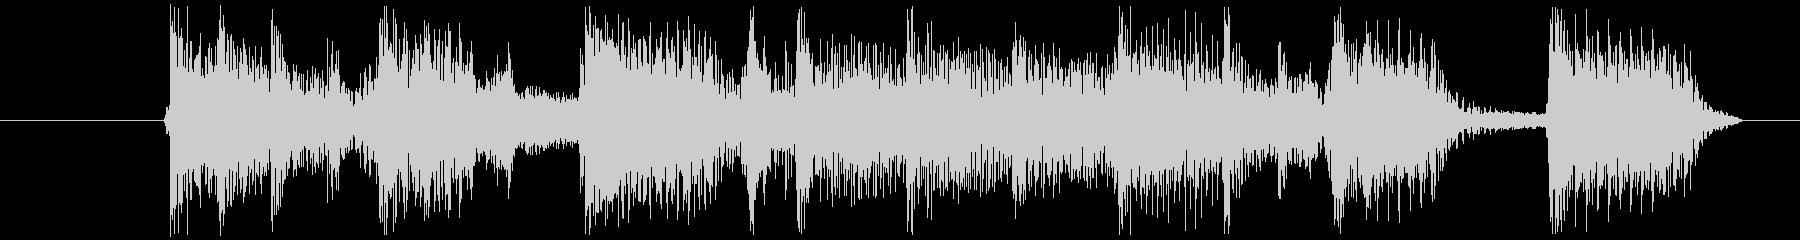 ワイルドなブルージーロックBGM 4秒の未再生の波形